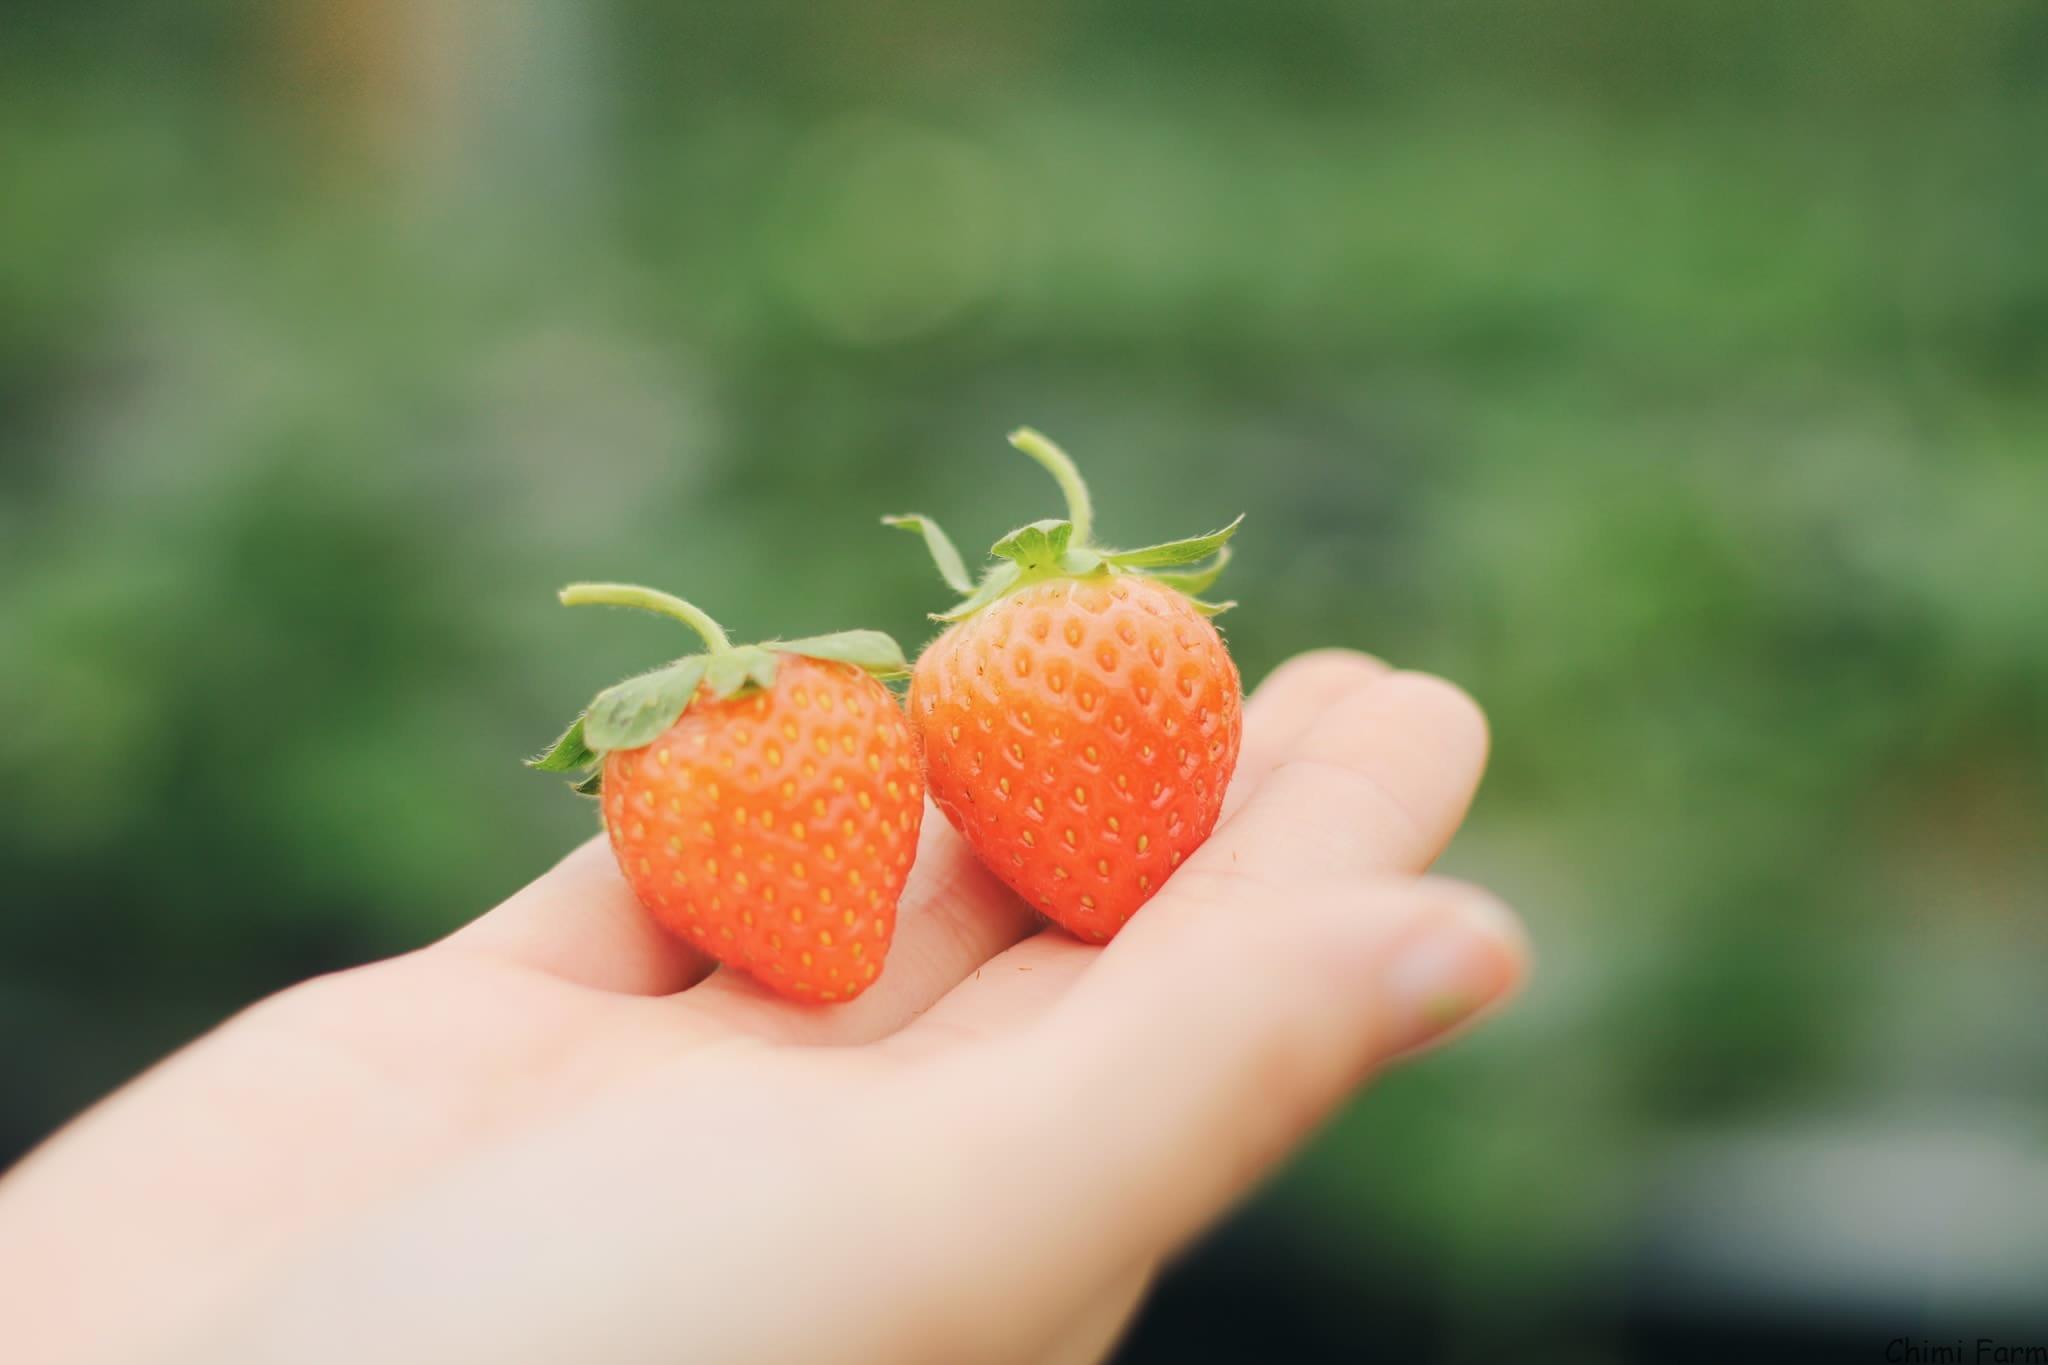 Những trái dâu tây Hàn có hình hơi thon và có màu đỏ cam